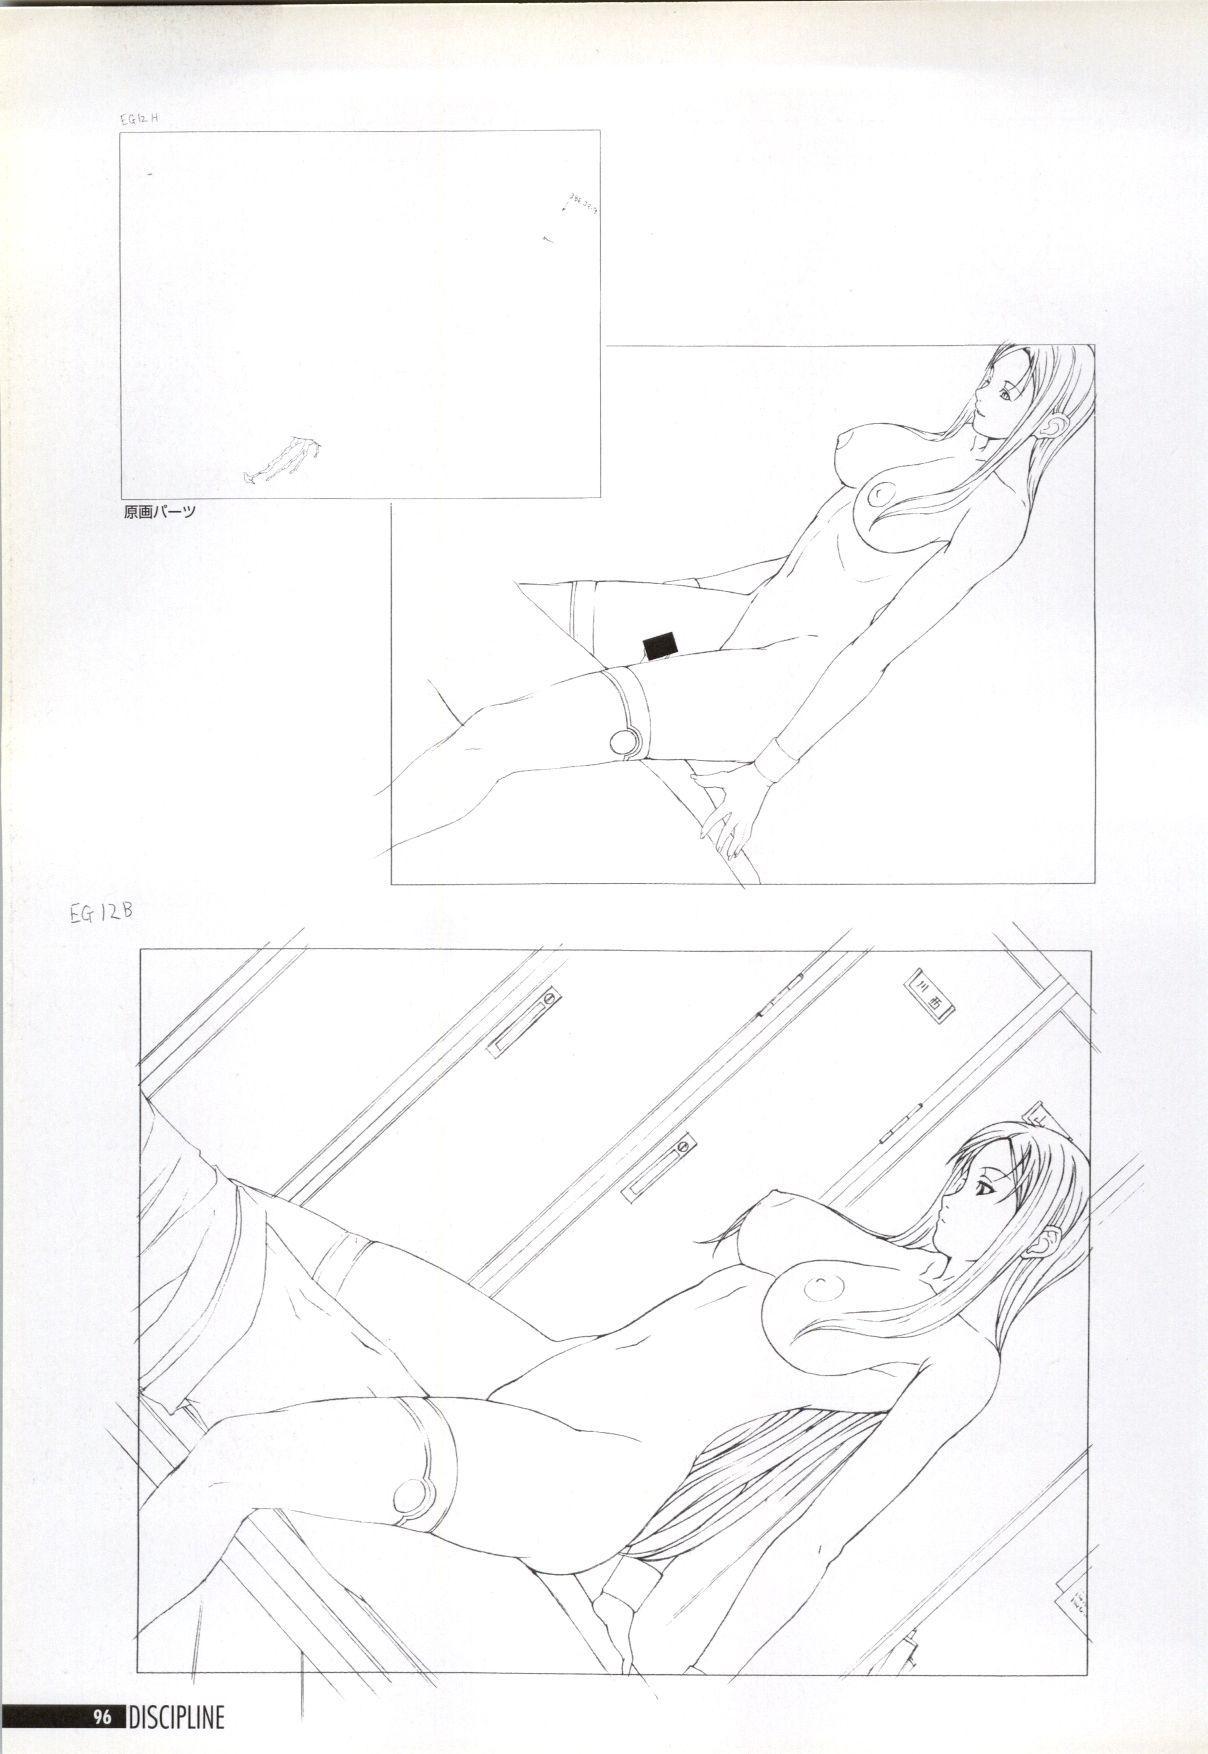 Discipline Artbook 96